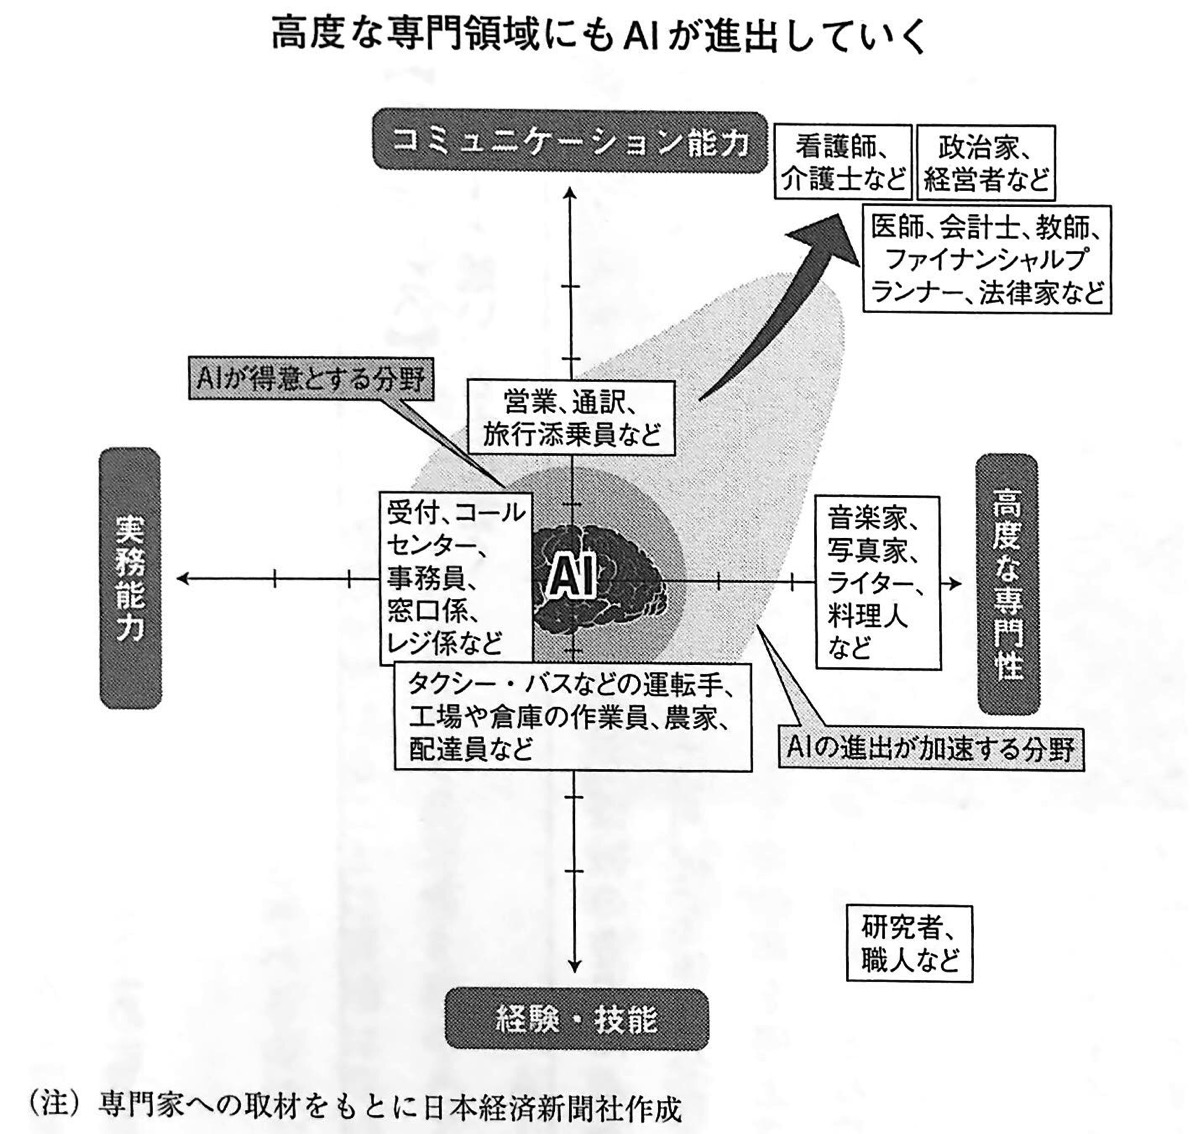 図1 高度な専門領域にもAIが進出していく AI2045 第3章